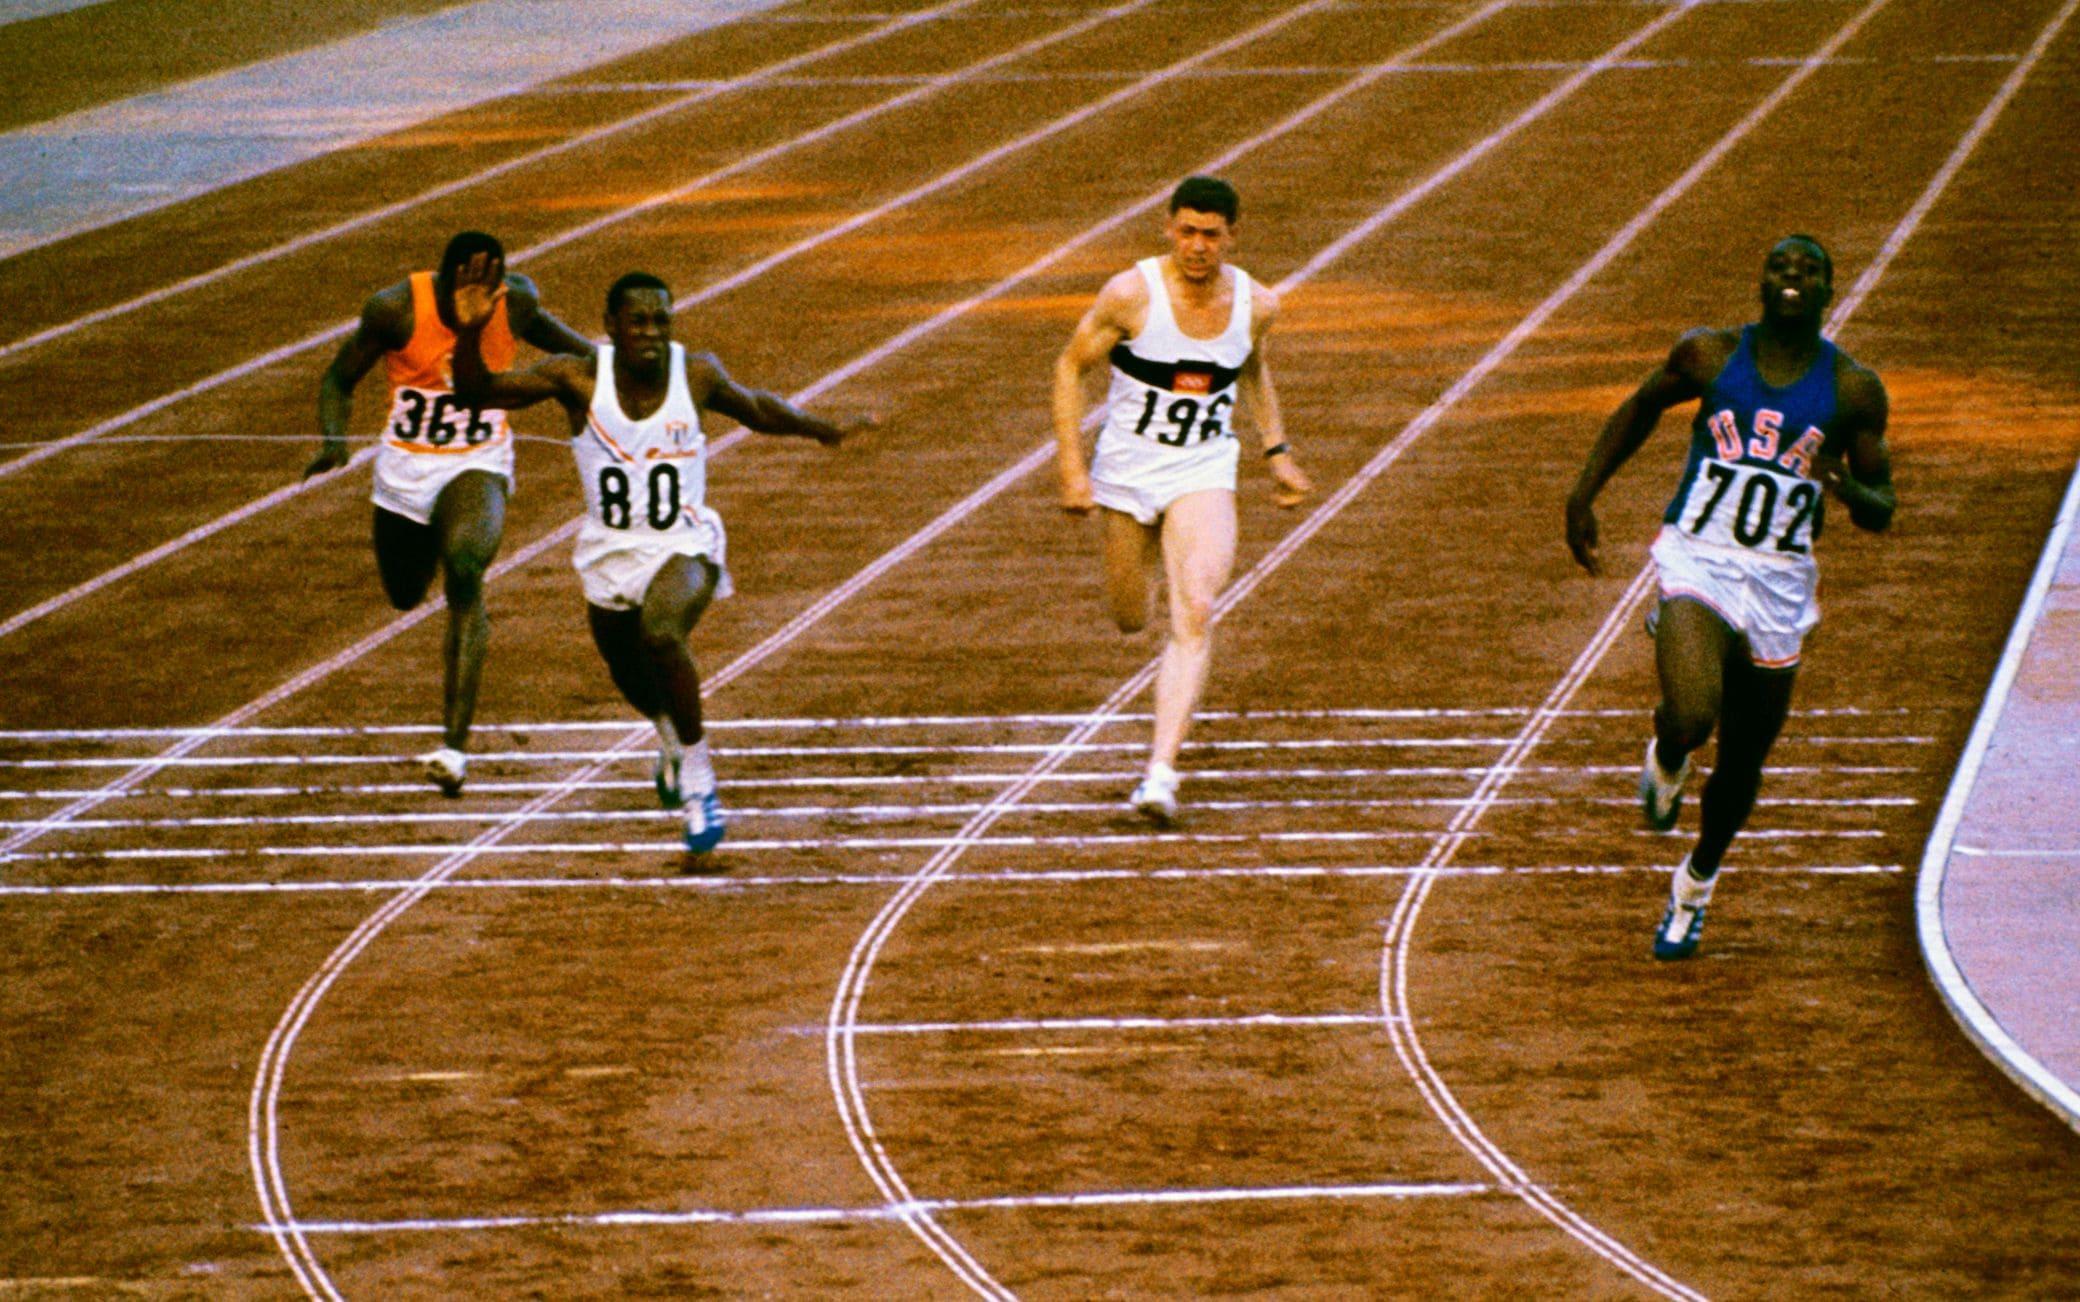 Bob Hayes taglia il traguardo nella finale dei 100 metri a Tokio, due scarpe solo apparentemente identiche: una chiodata, una da jogging